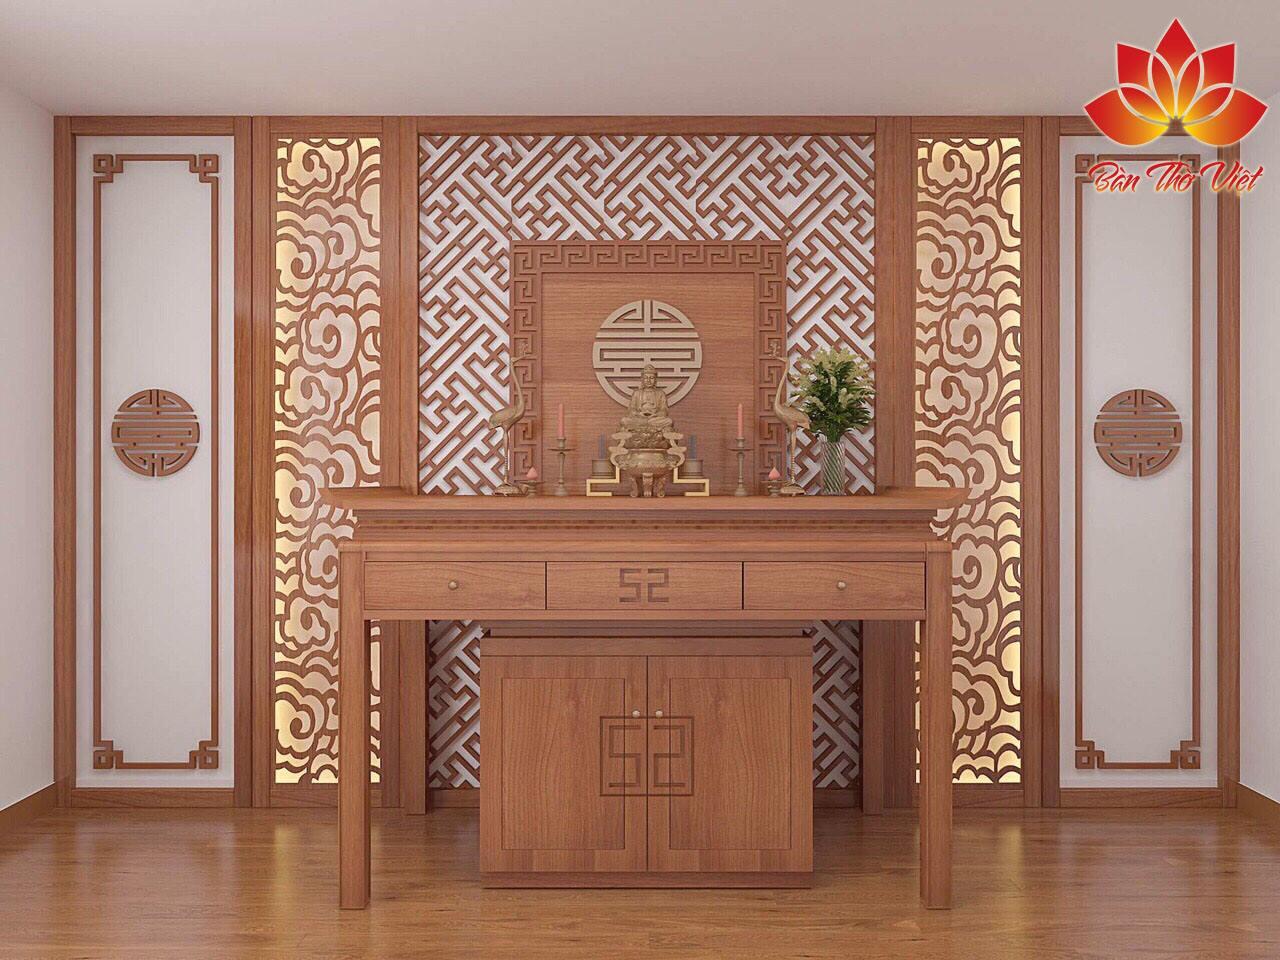 Cách bài trí tủ thờ Phật Bà Quan Âm Đúng Chuẩn phong thủy